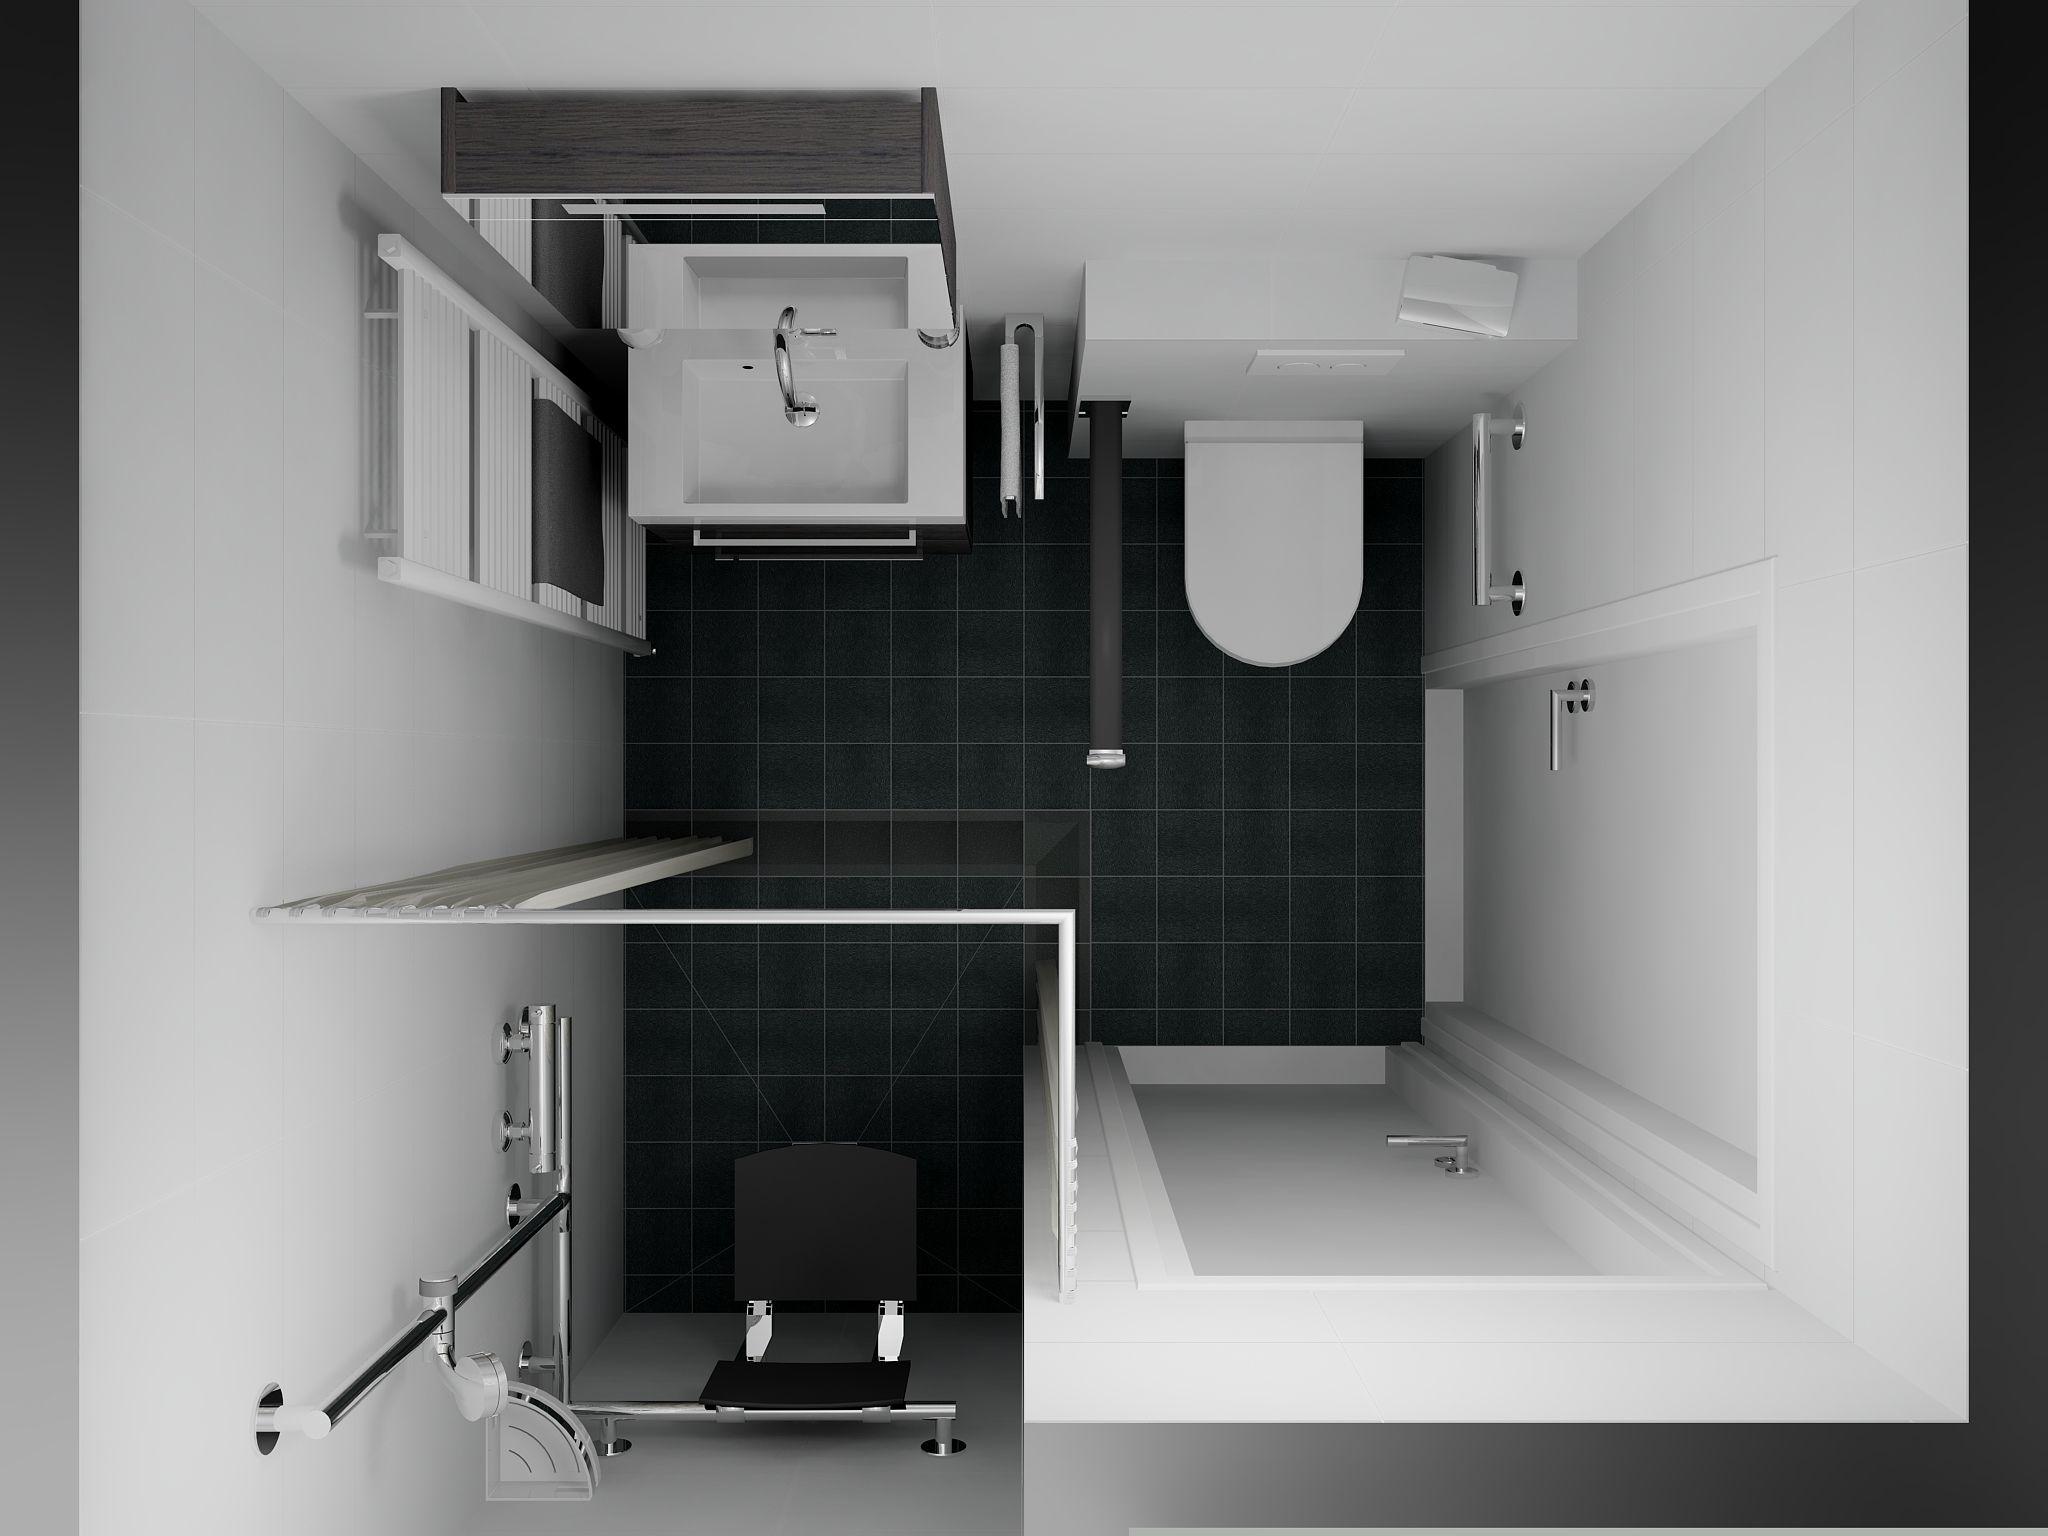 Een 3d ontwerp van een badkamer die ondersteunend is aan for Ontwerp badkamer 3d